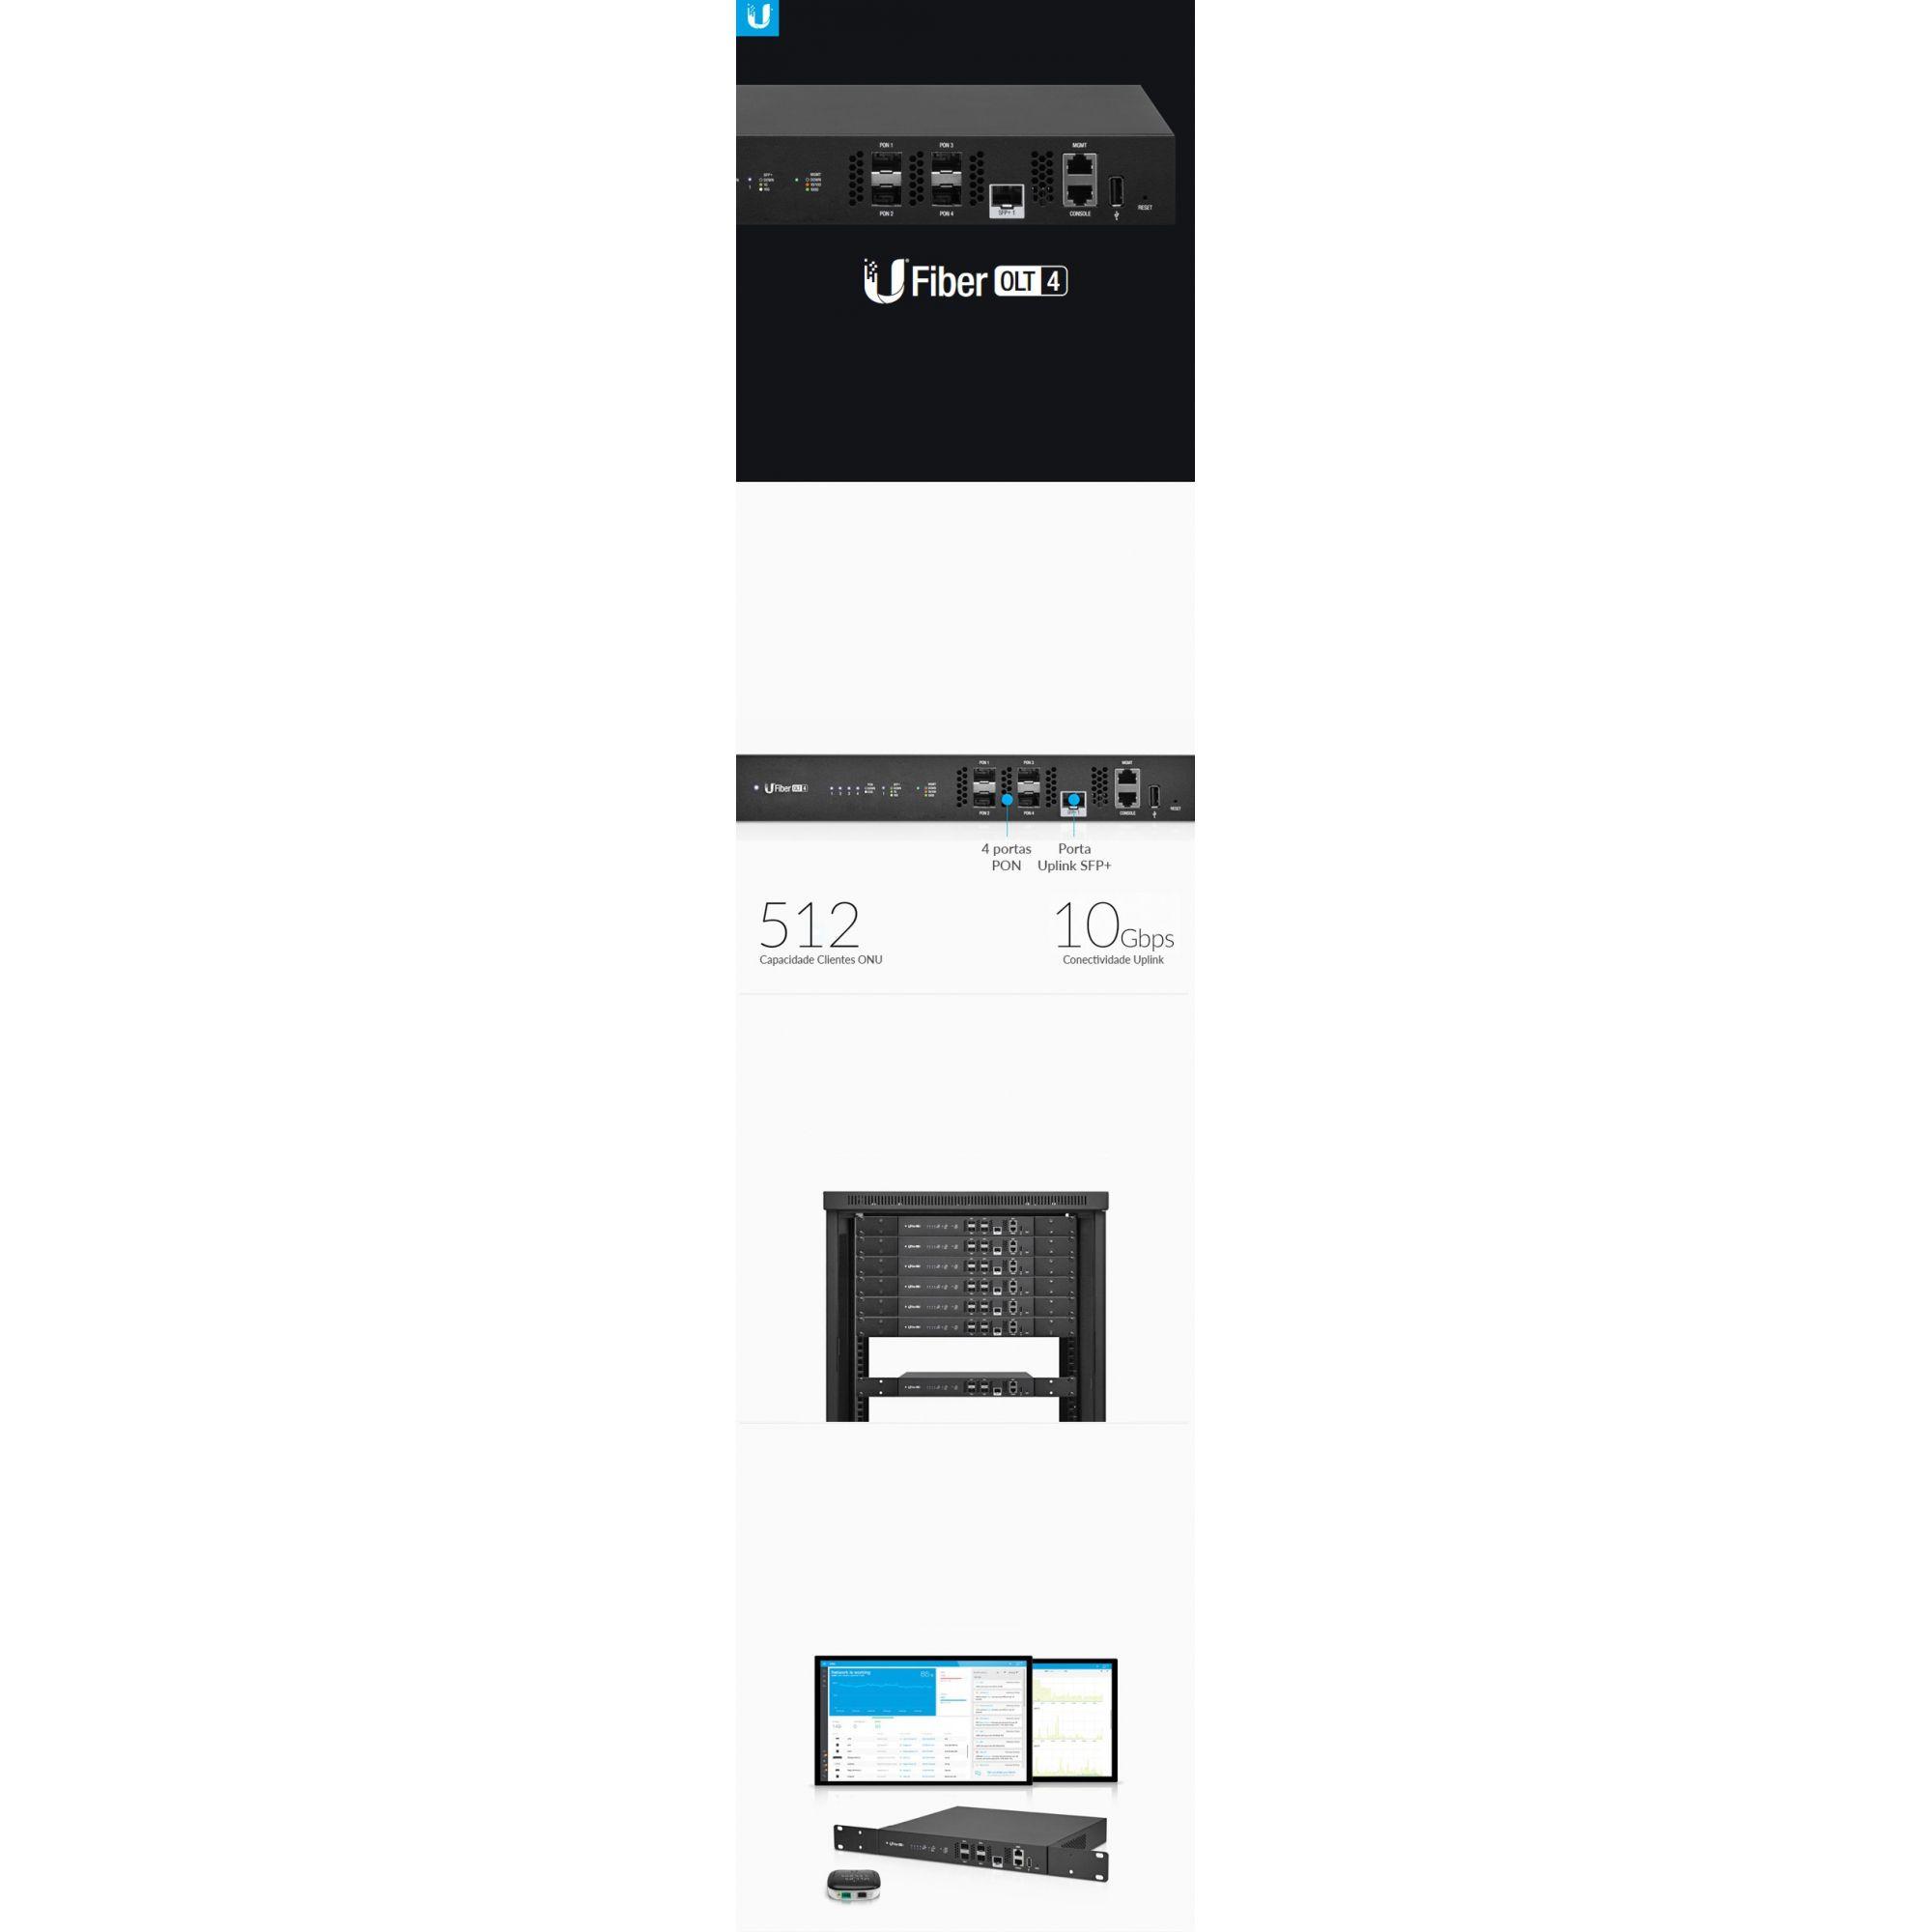 UBNT UF-OLT-4-BR 4 PON + 1 SFP+ 10GBPS 512 ONU´S  - infoarte2005